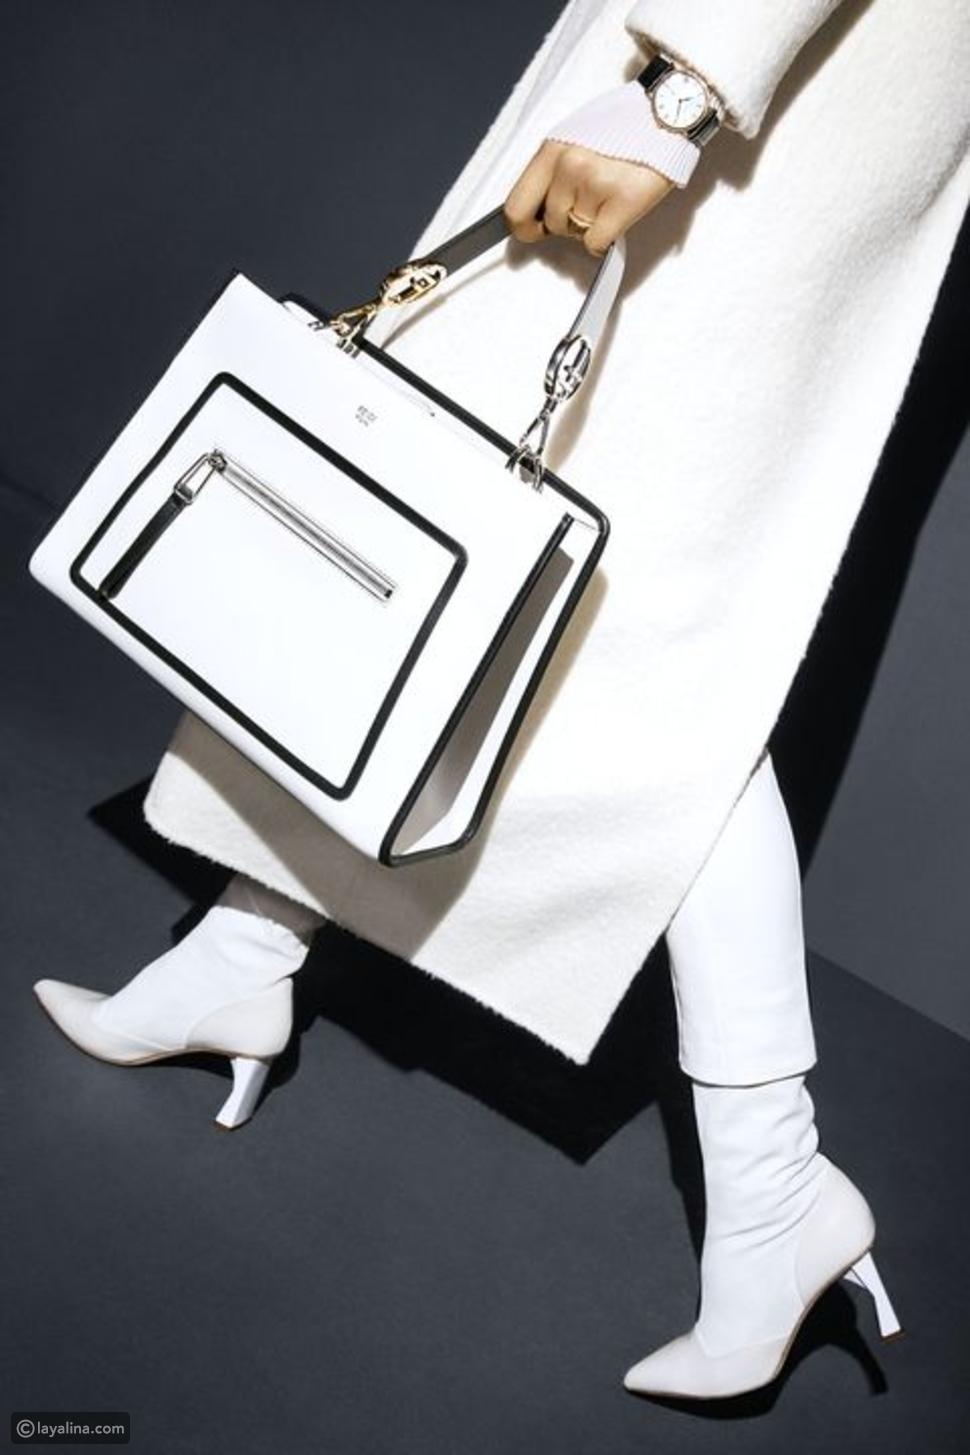 قطع أزياء باللون الأبيض من علامة أوف-وايت